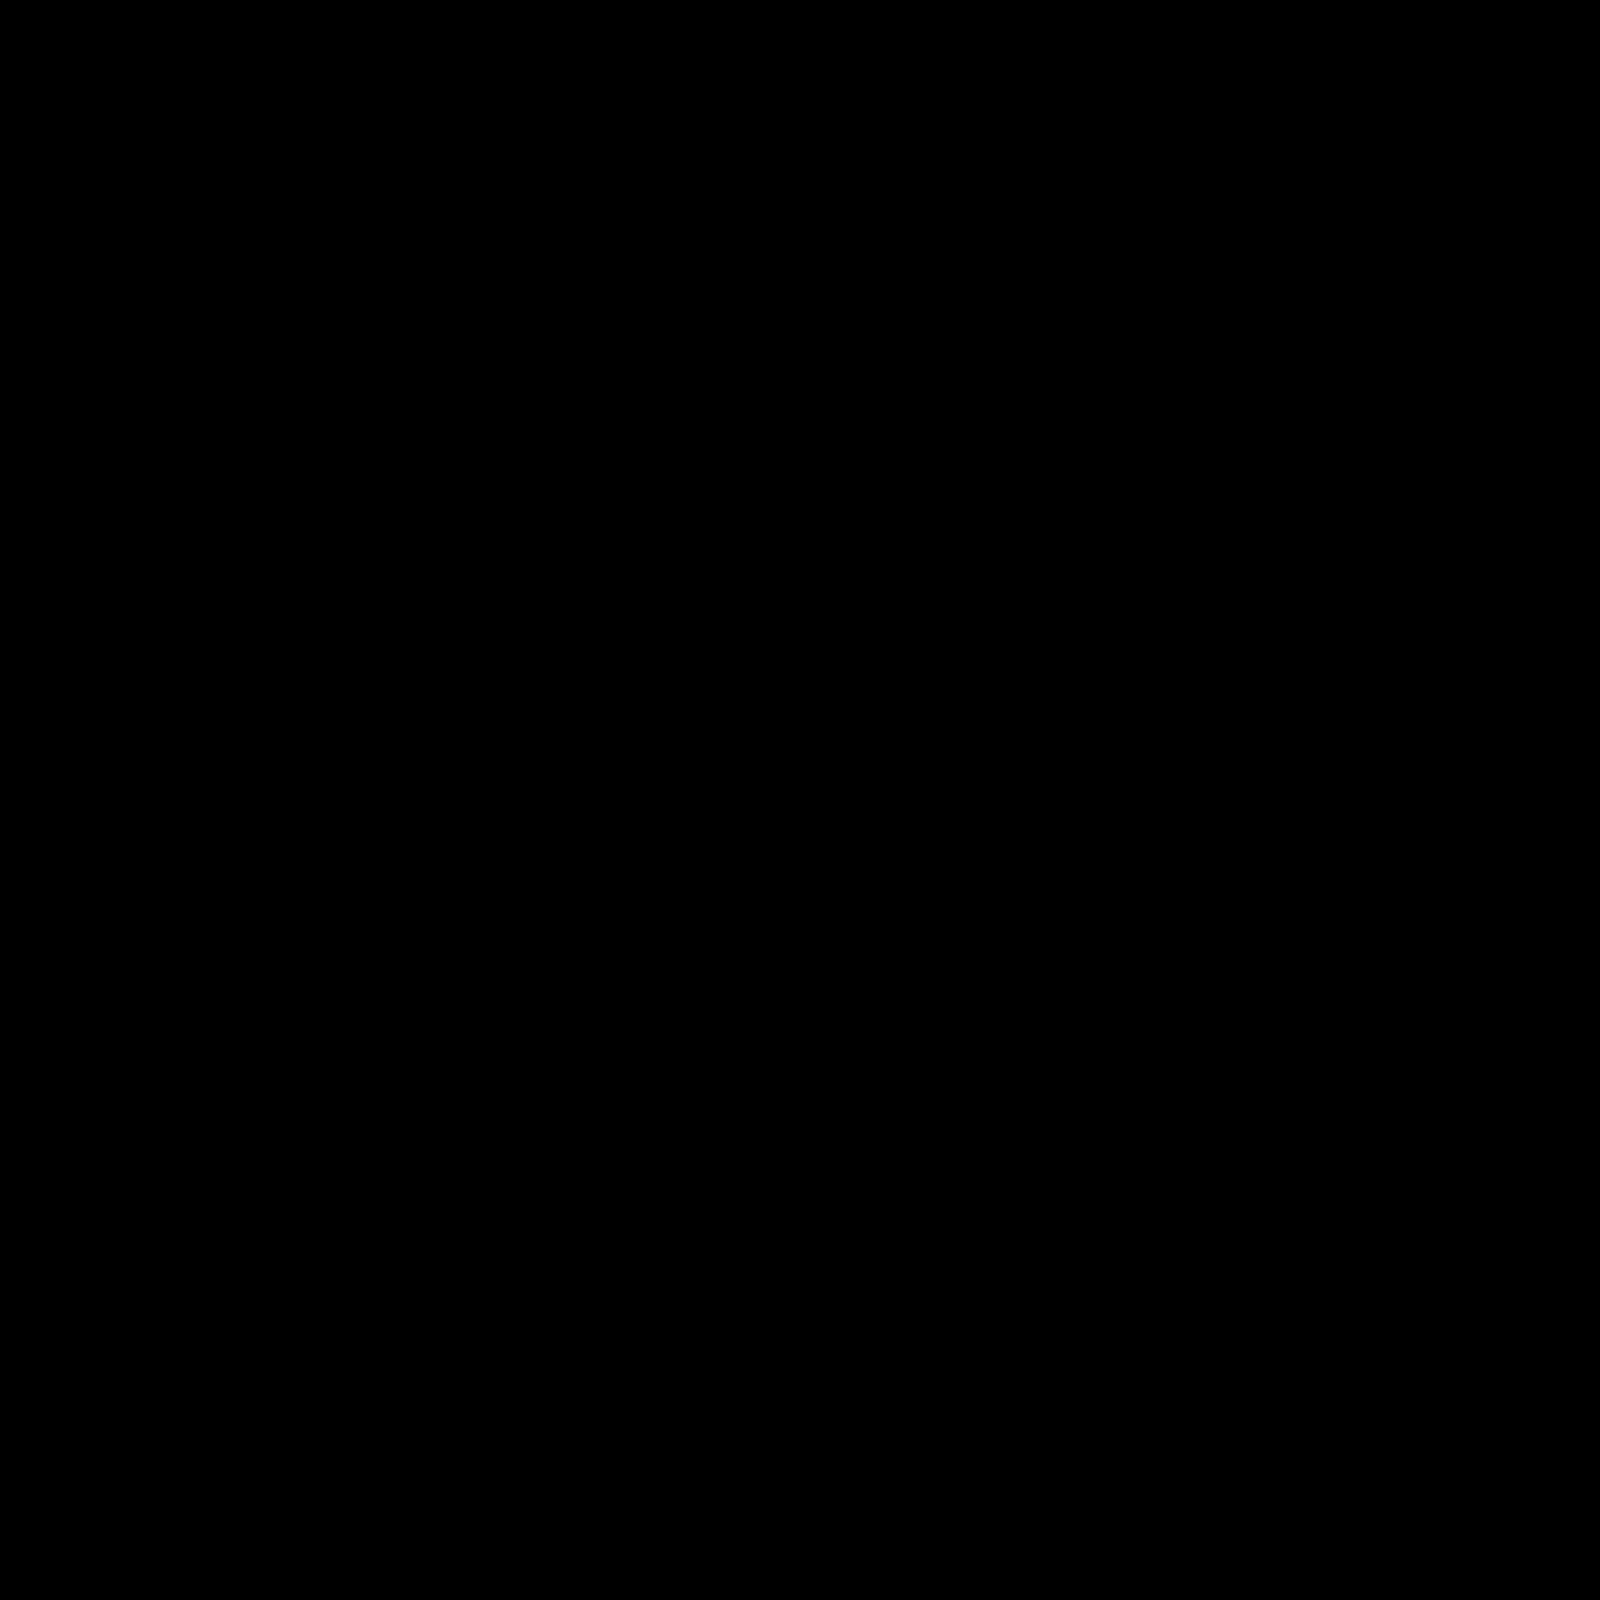 Hiragana Ka icon